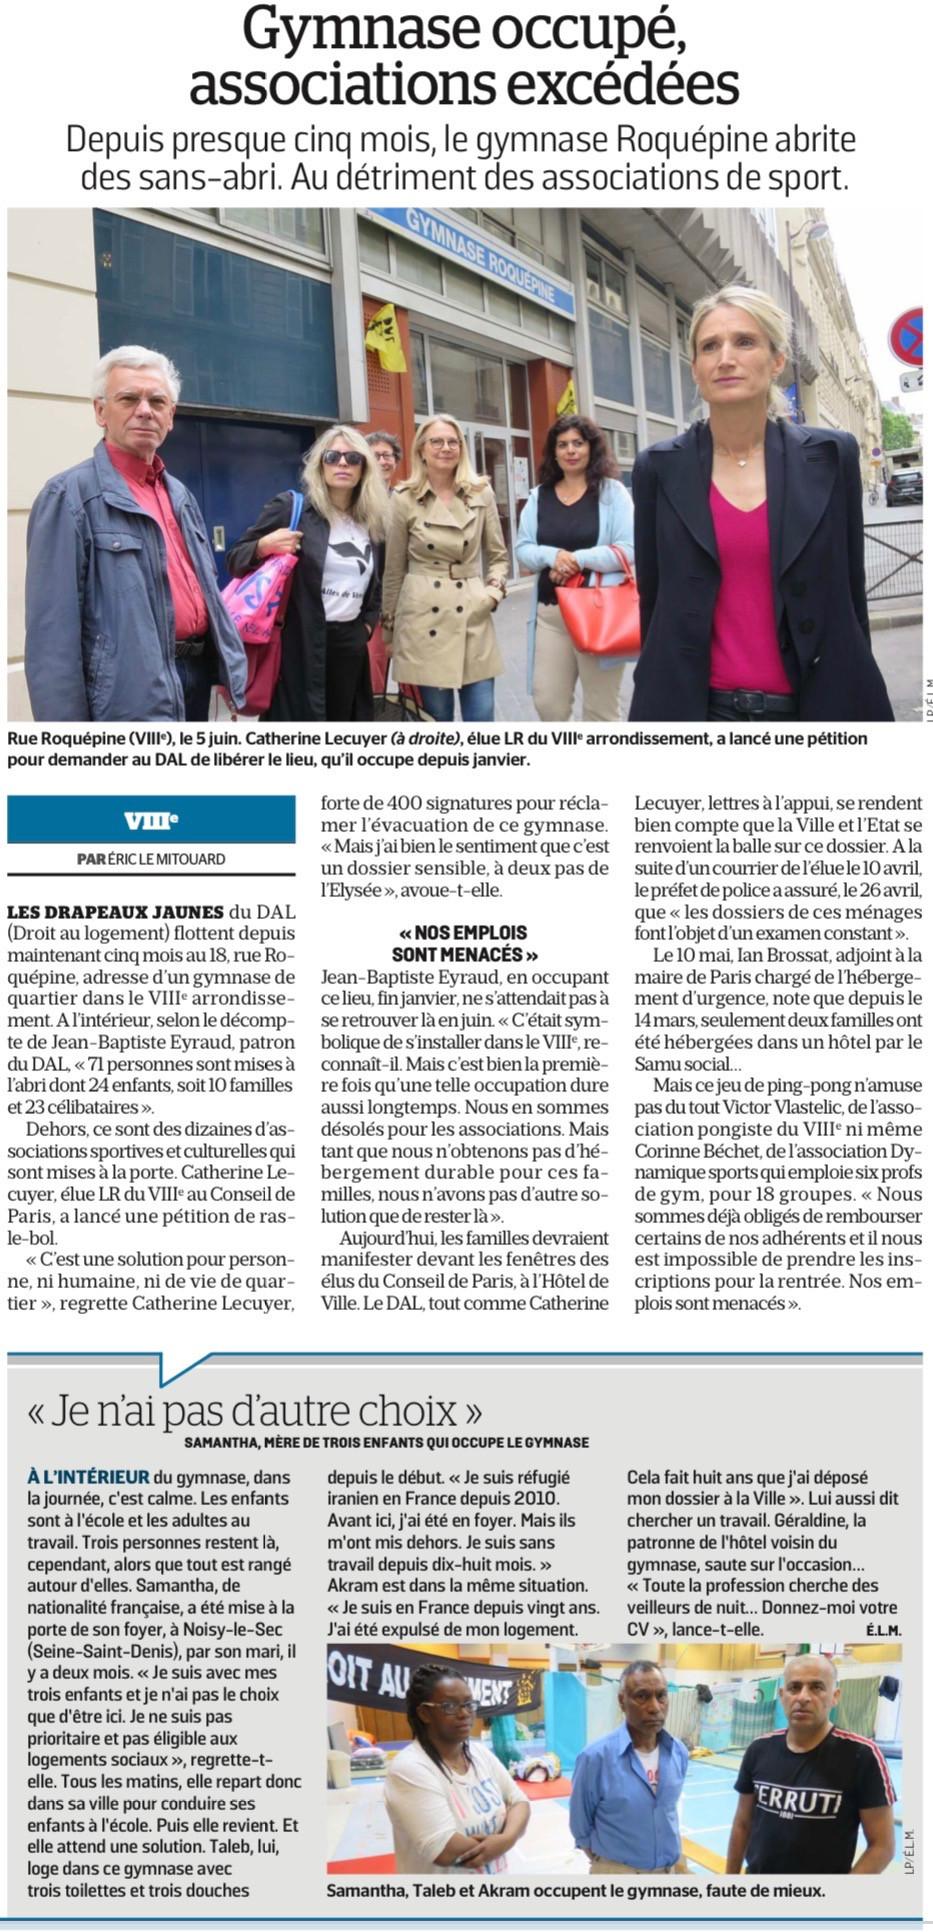 Le Parisien du 13 juin 2019